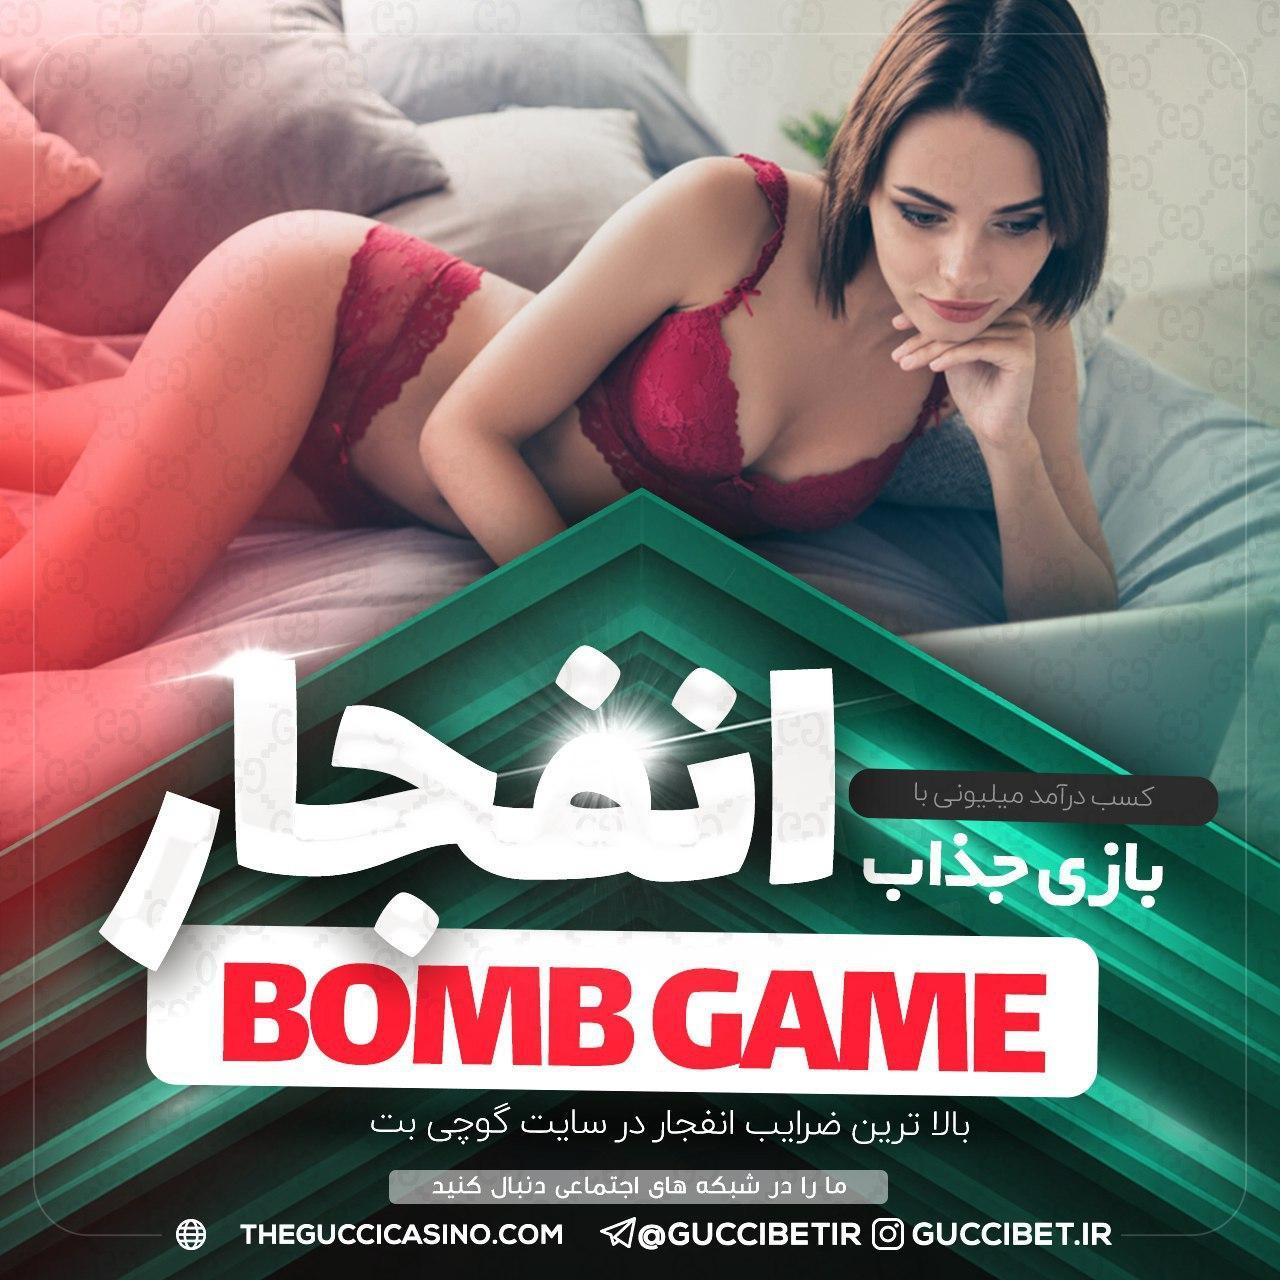 معتبرترین سایت بازی انفجار با ضریب بالا و بهترین و بیشترین بونوس